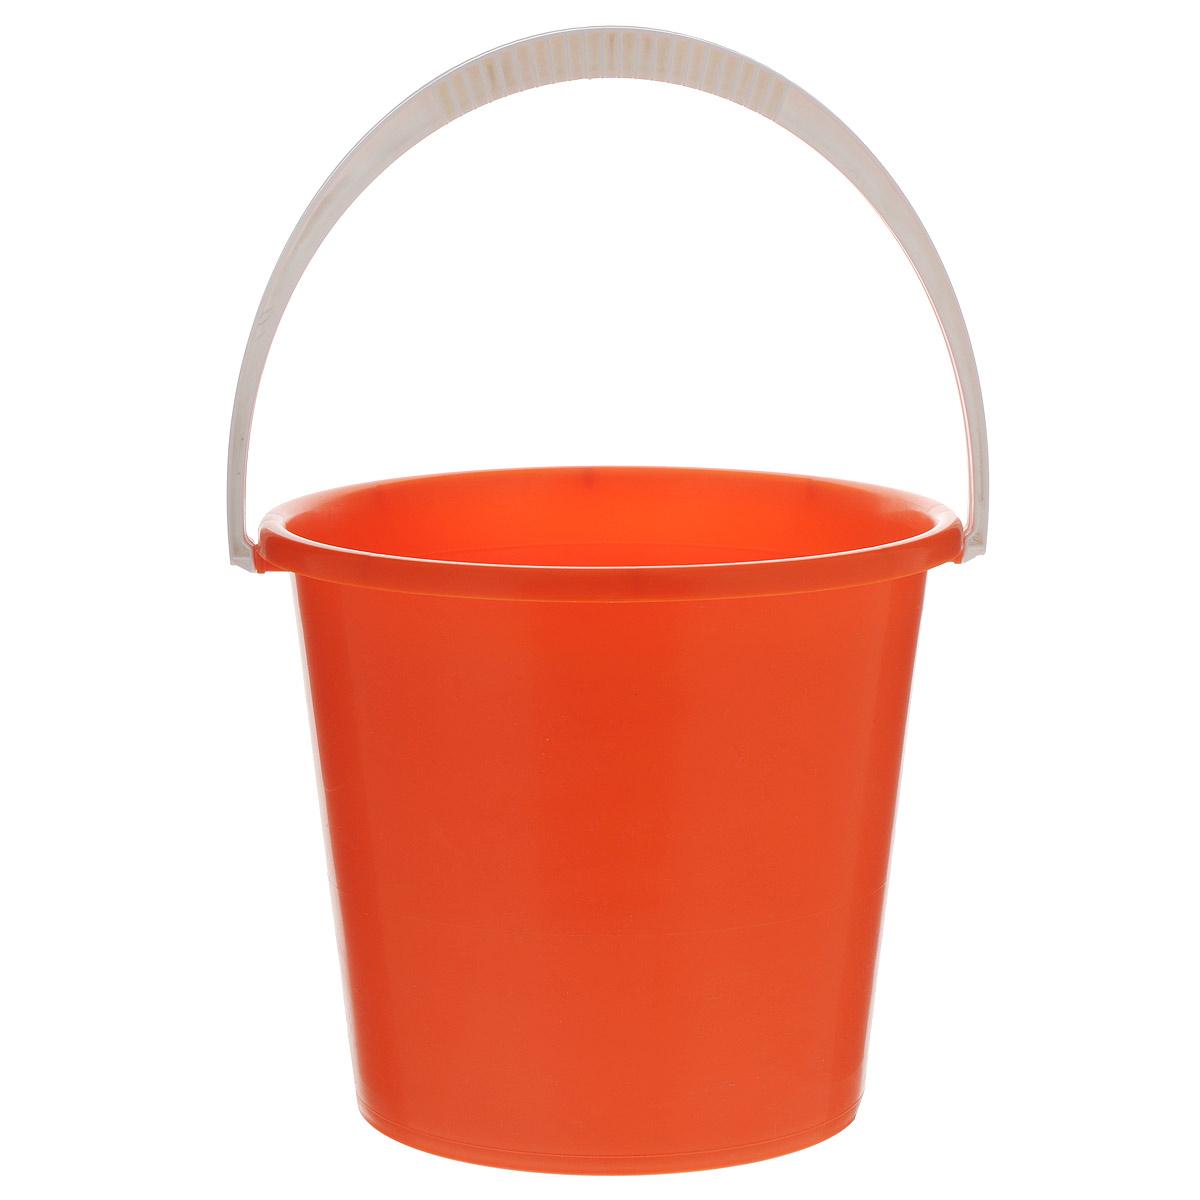 Ведро Альтернатива Крепыш, цвет: оранжевый, 7 лК342Ведро Альтернатива Крепыш изготовлено из высококачественного одноцветного пластика. Оно легче железного и не подвержено коррозии. Ведро оснащено удобной пластиковой ручкой. Такое ведро станет незаменимым помощником в хозяйстве. Диаметр: 25 см.Высота: 22 см.